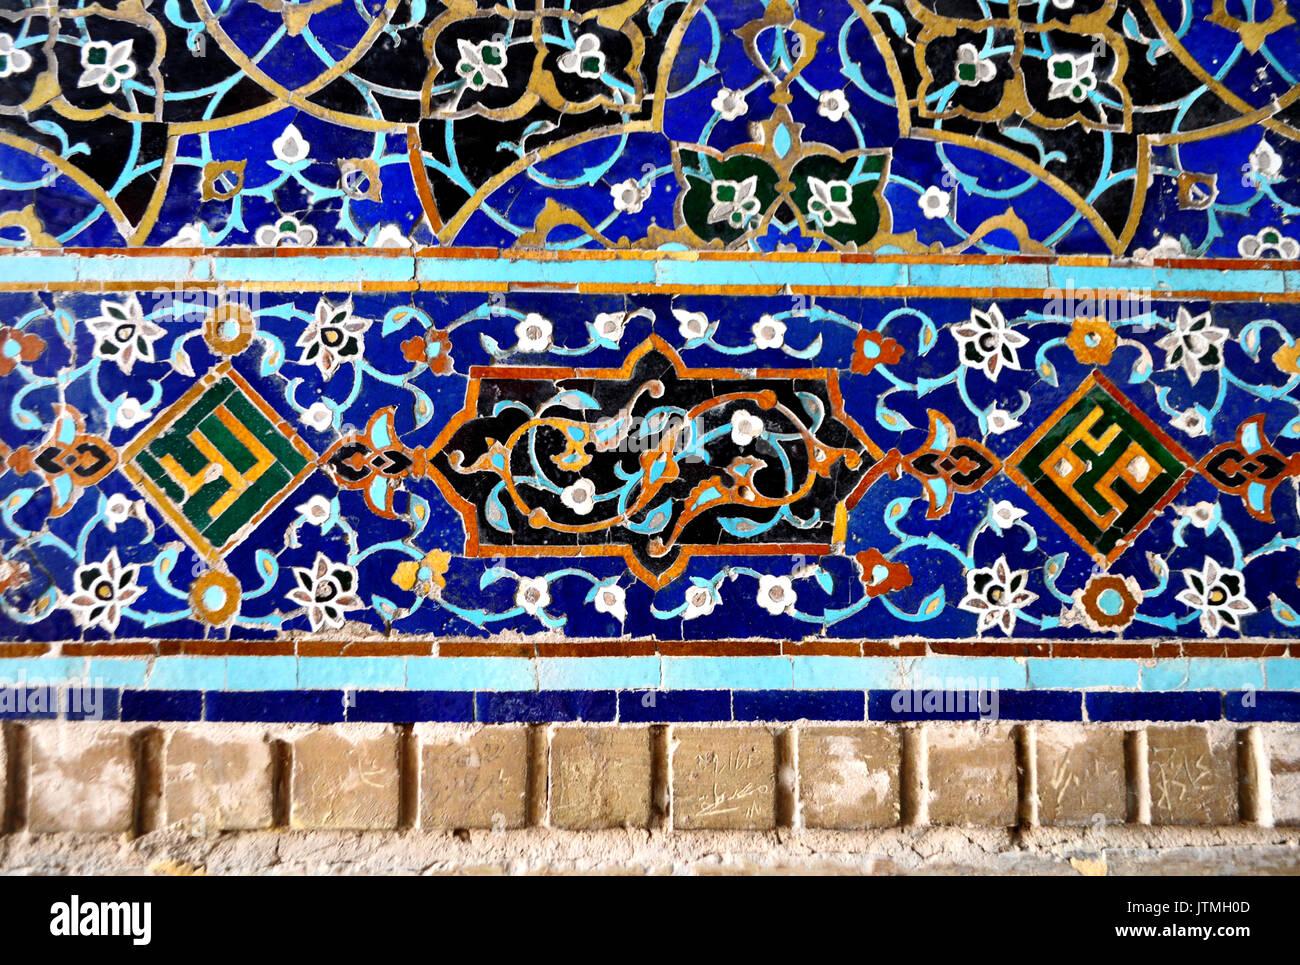 Detalle Del Mosaico De Azulejos En Las Paredes De La Mezquita  ~ Mosaicos De Azulejos En Paredes